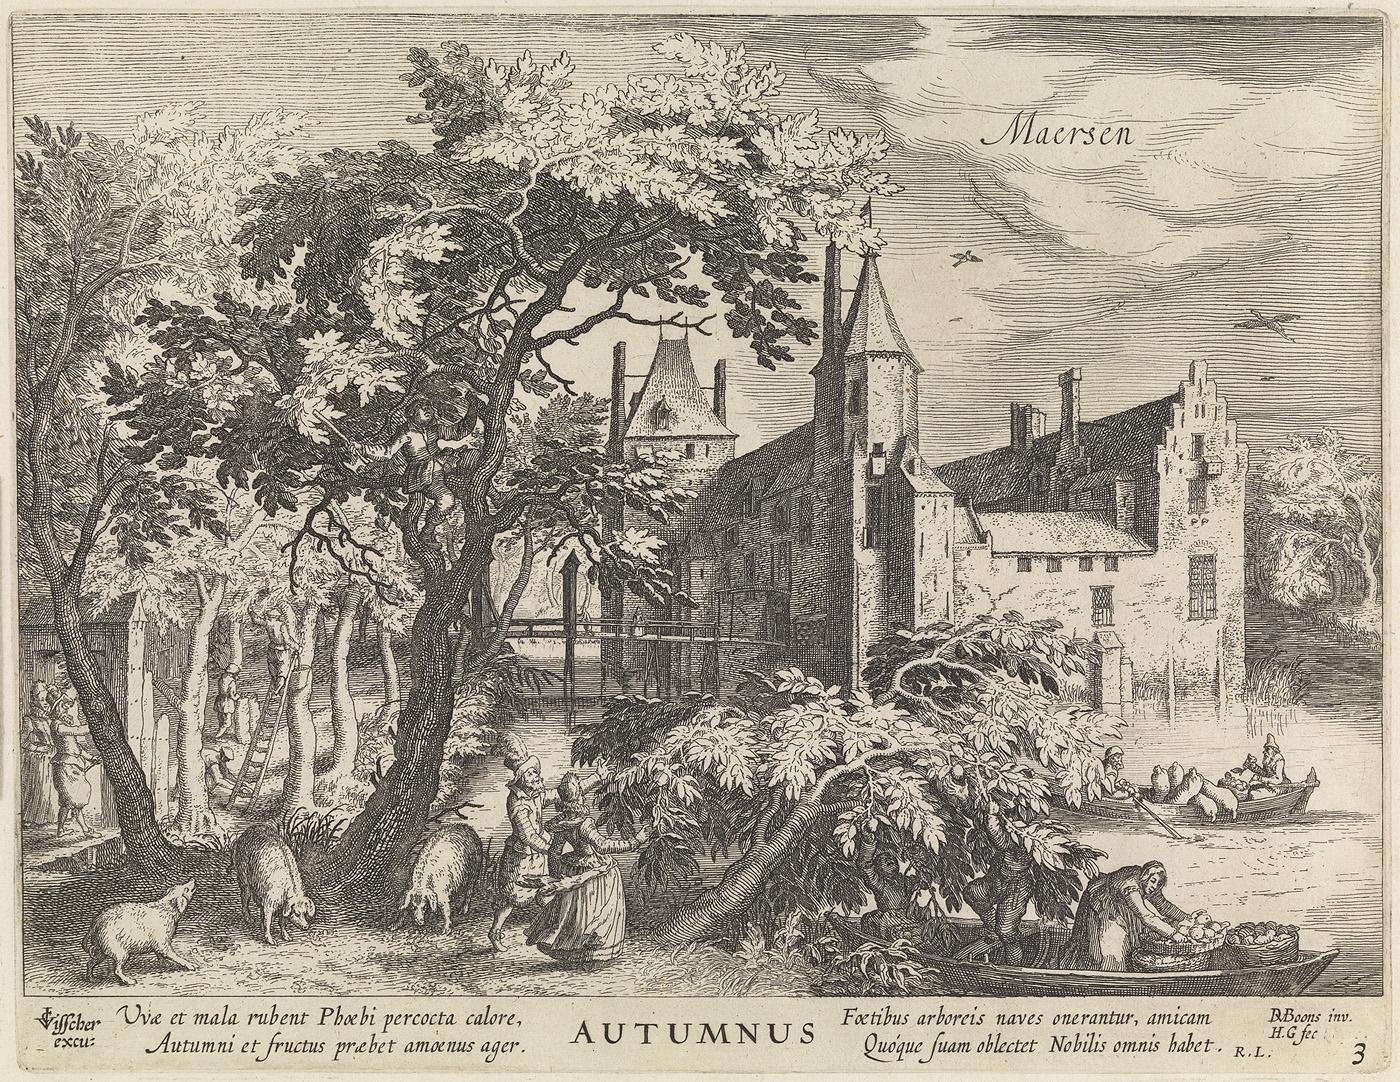 Maersen, Autumnus (uit de serie: de jaargetijden. gezichten op kastelen)